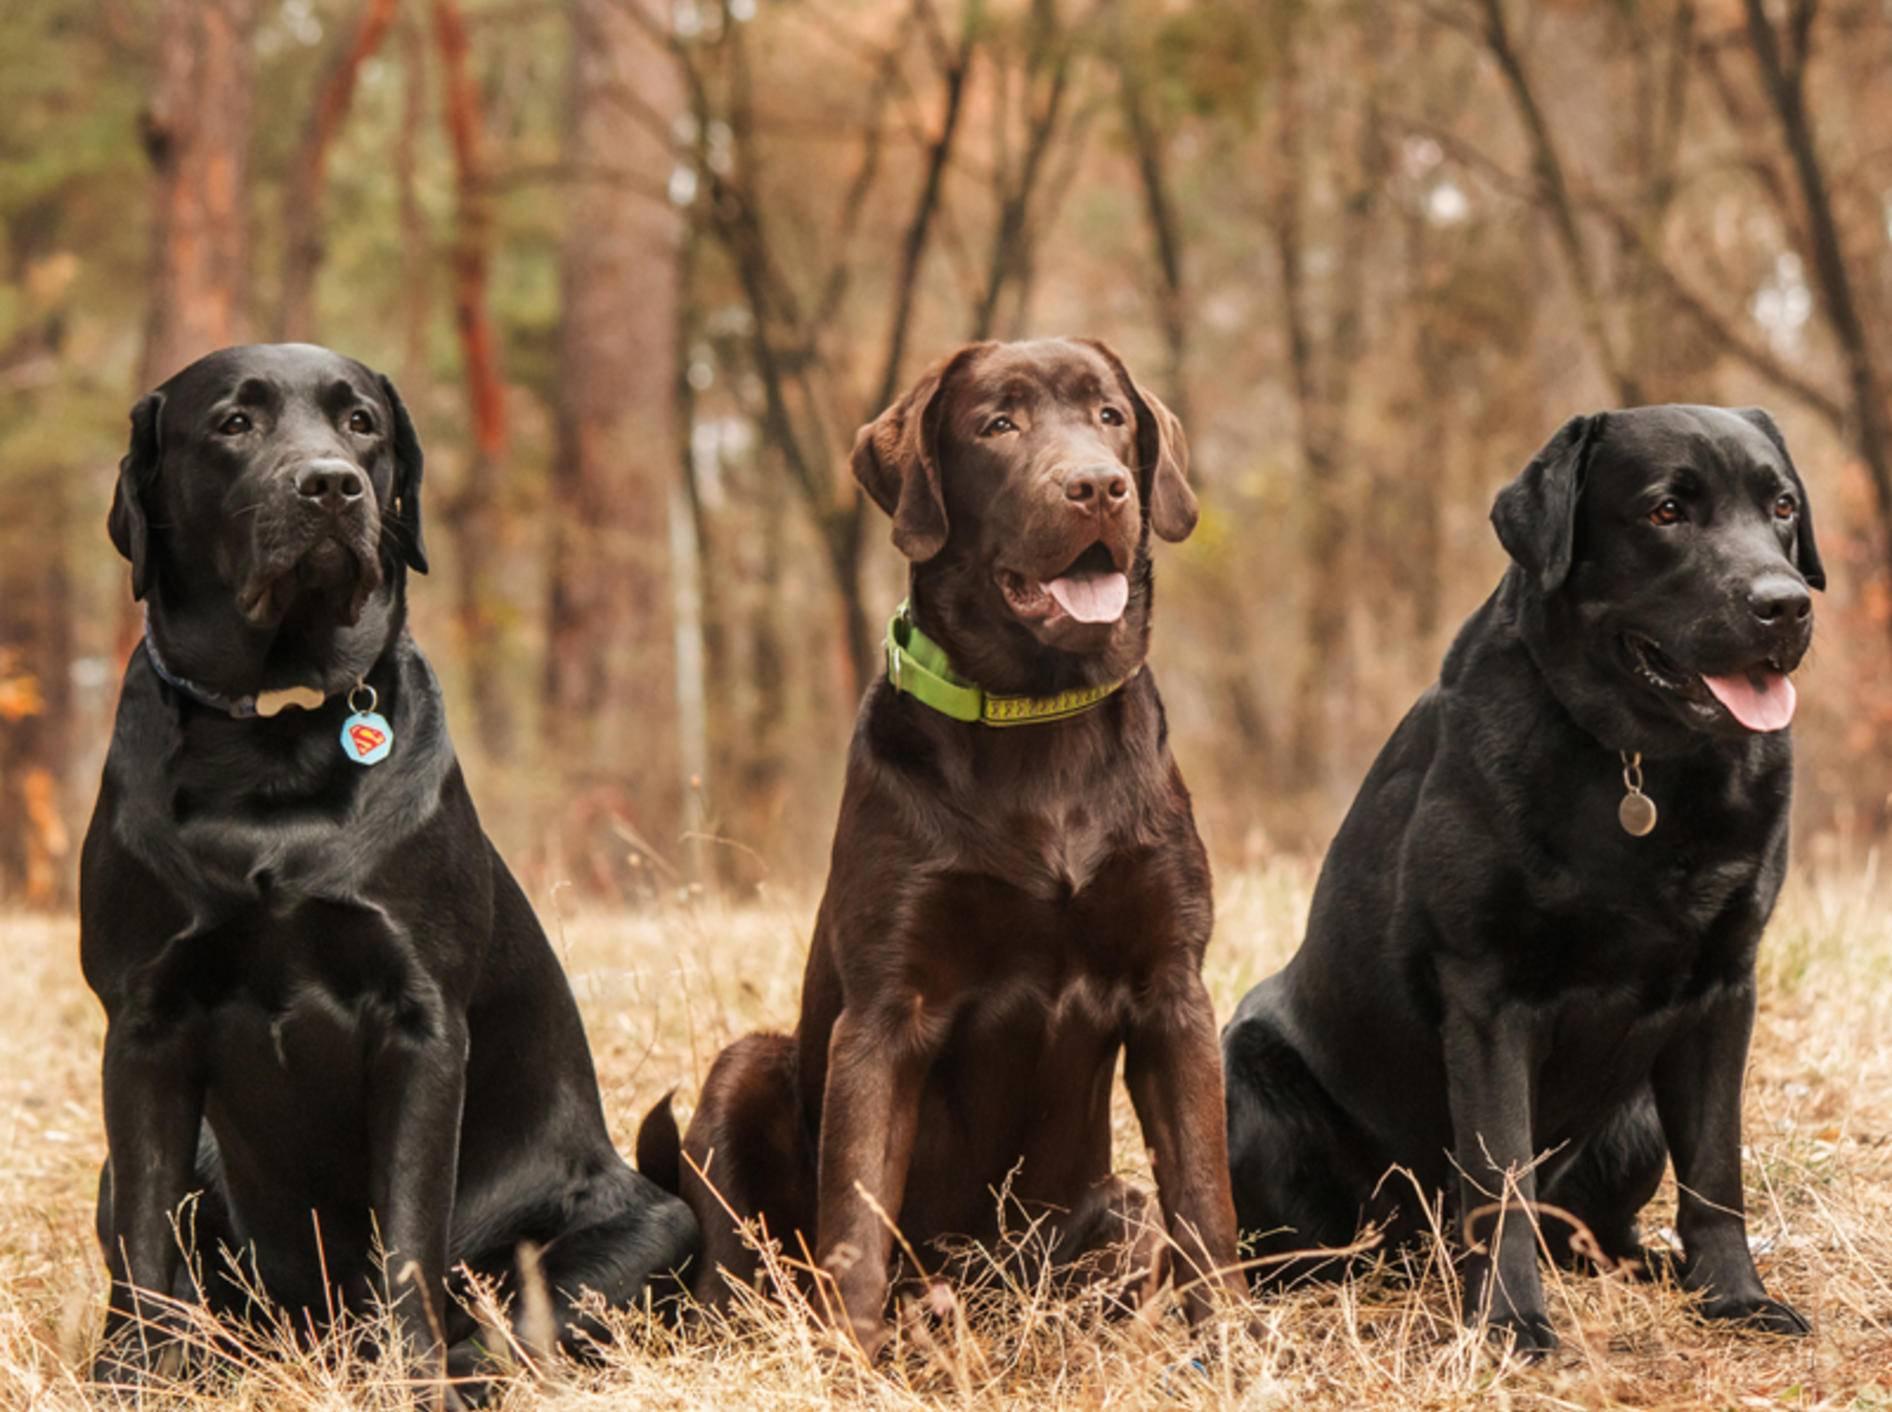 Beim Labrador Retriever gibt es neben unterschiedlichen Fellfarben auch verschiedene Zuchtlinien – Shutterstock / OlgaOvcharenko